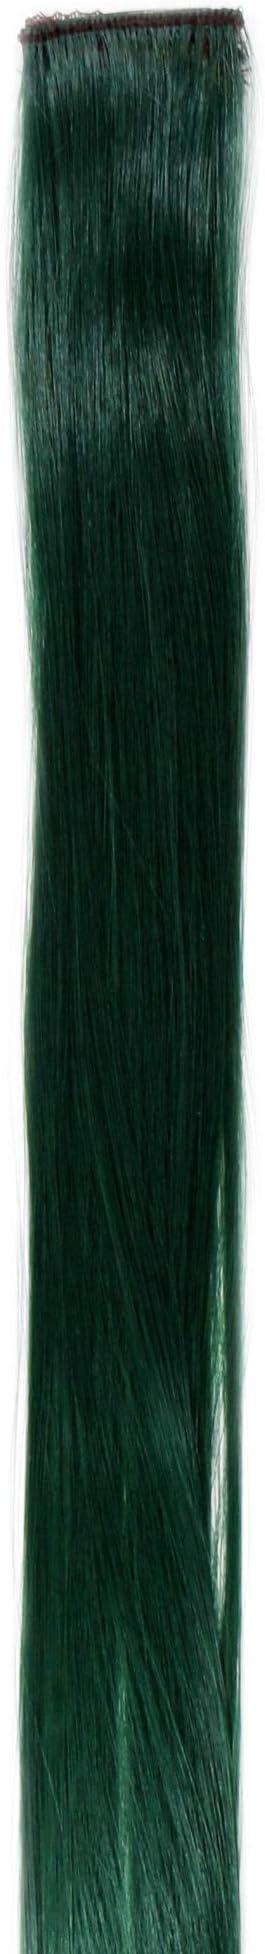 WIG ME UP- YZF-P1S18-T2610 Extensión de pelo con 1 clip mechón liso verde caqui 45 cm/ 18 inch